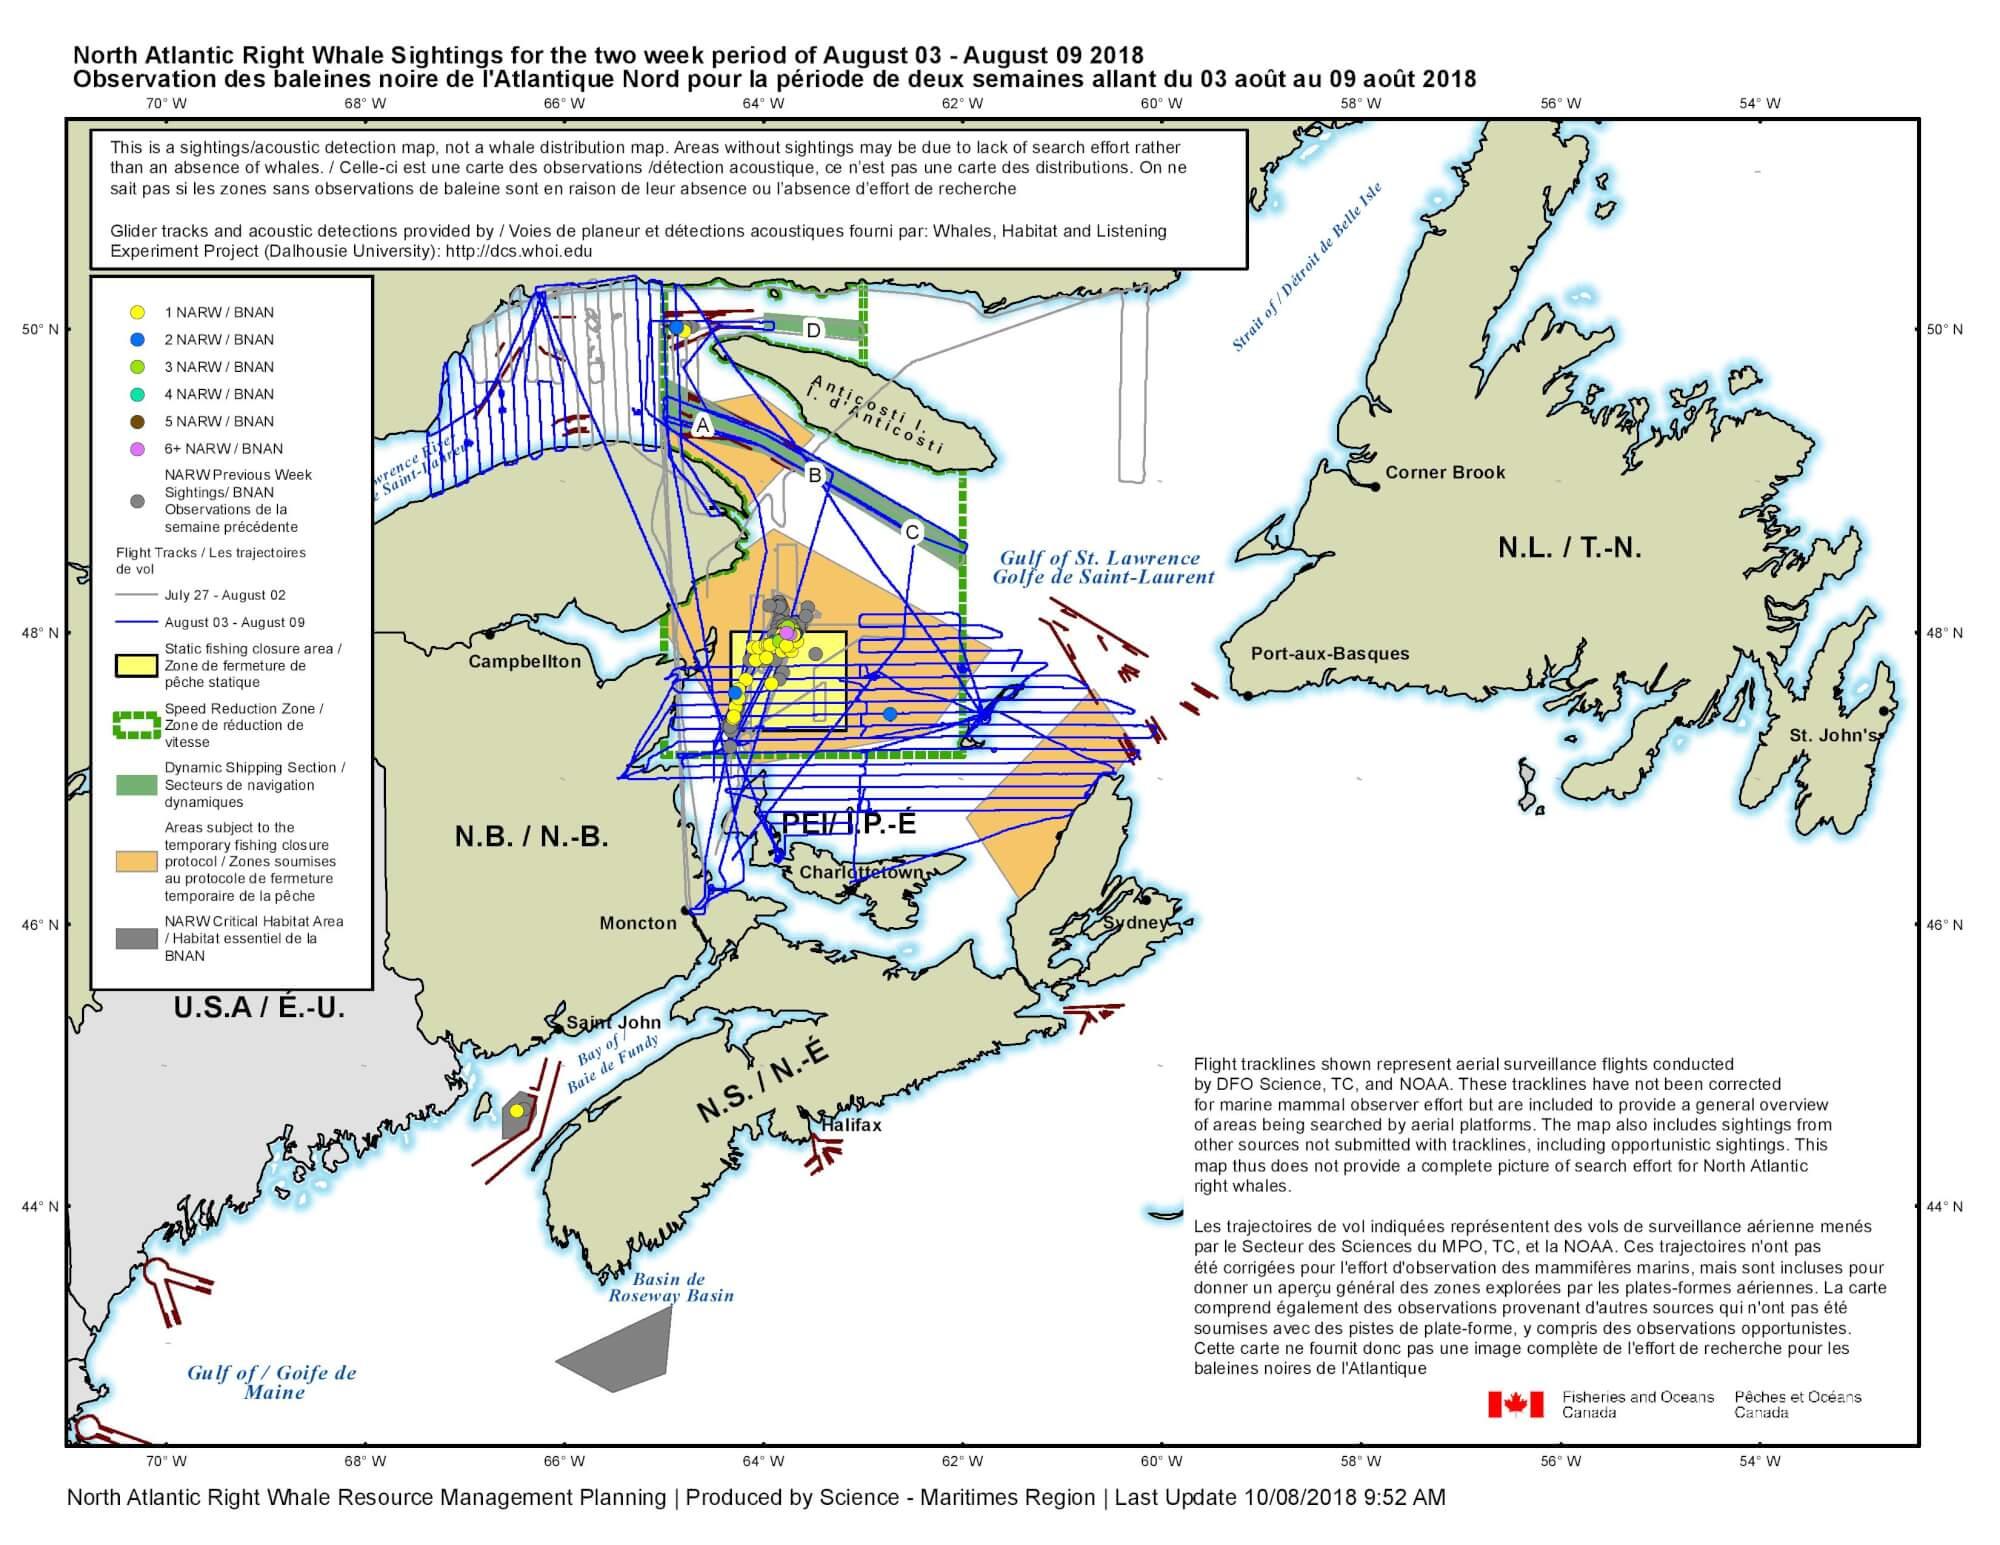 Carte des observations de baleines noires de l'Atlantique Nord pour la période allant du 3 aout au 9 aout 2018